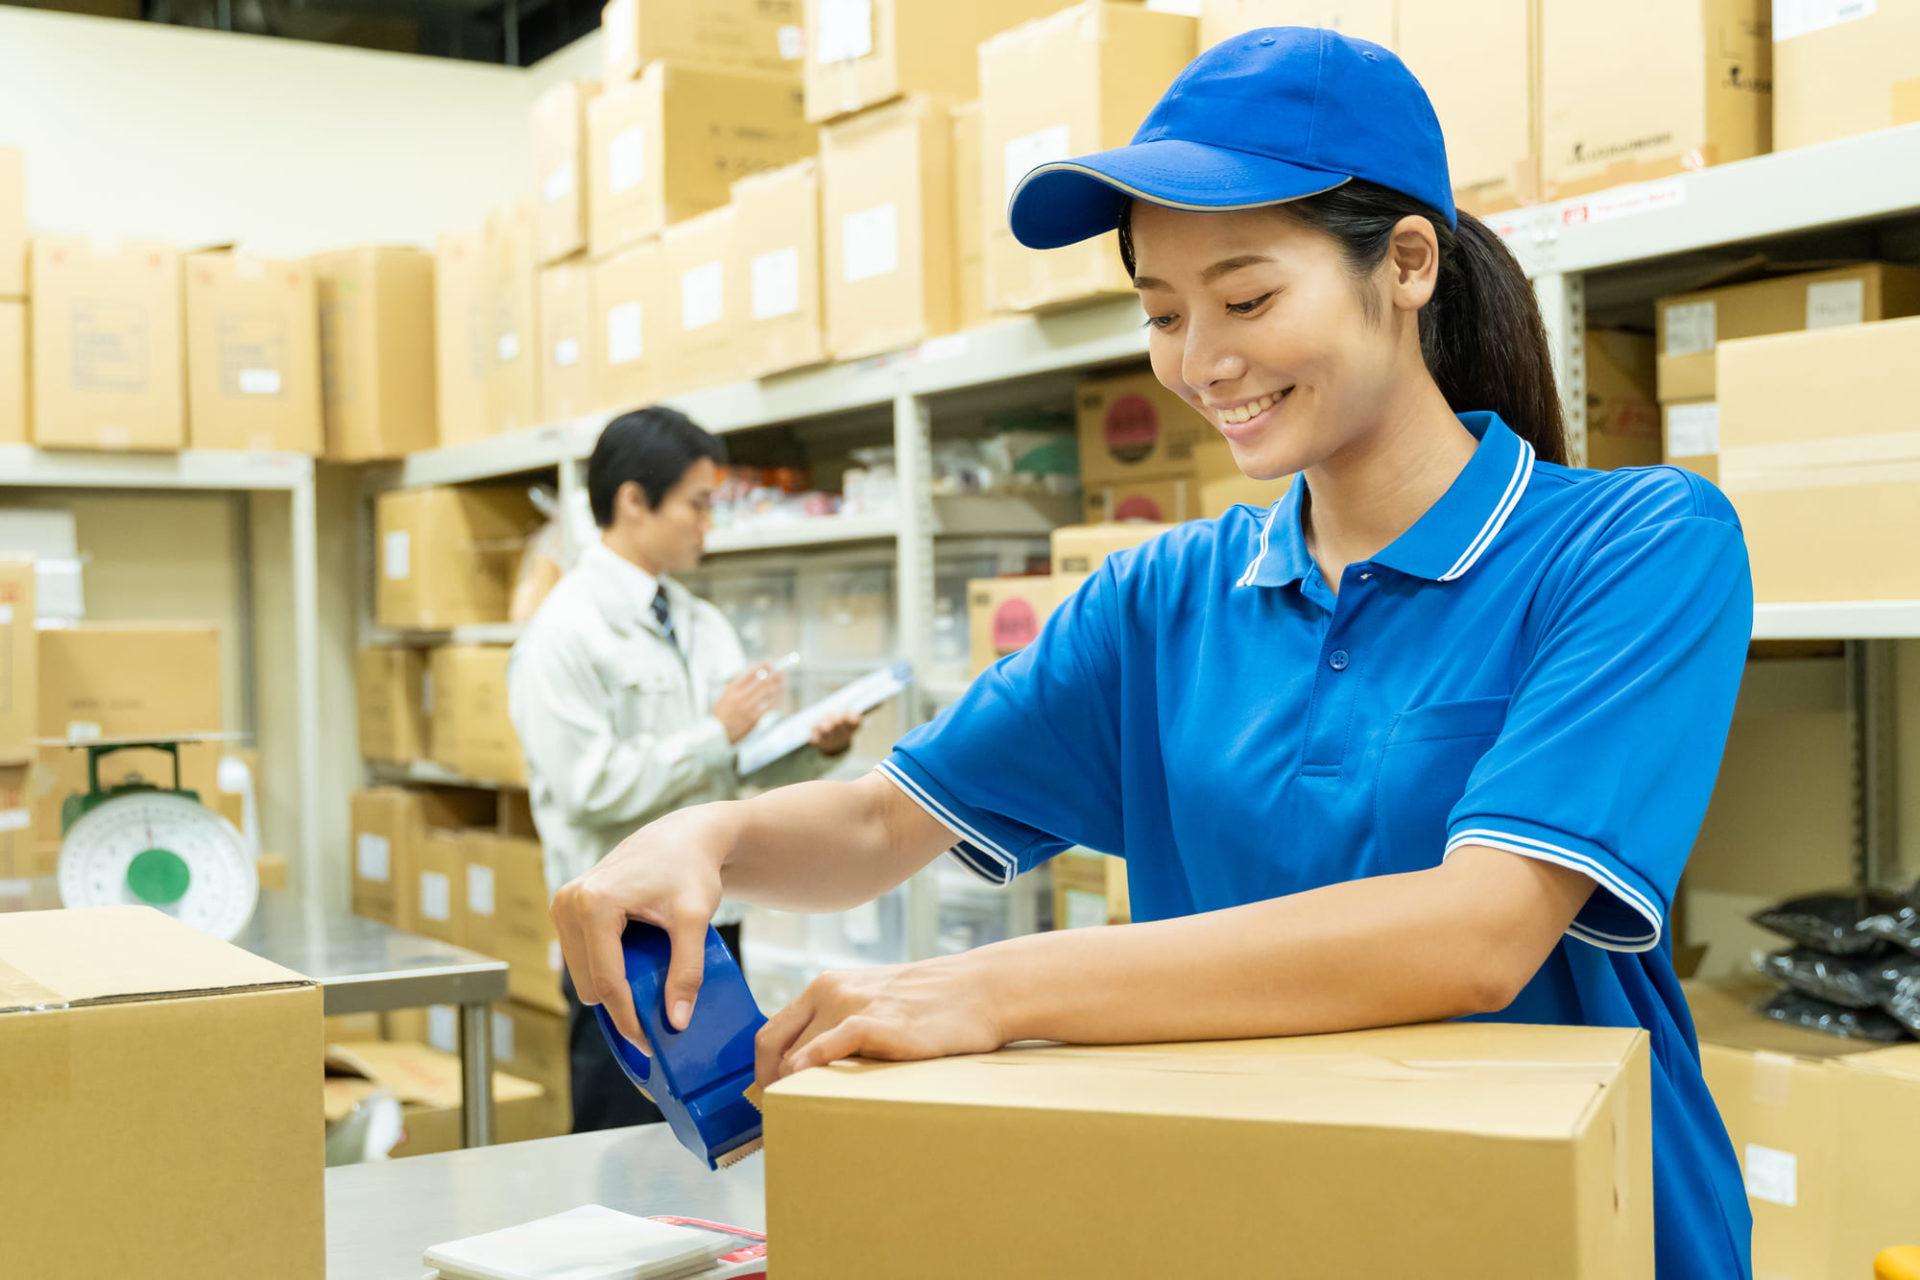 30坪以下の物件で事務所&倉庫の小規模ネットショップを運営する方法!